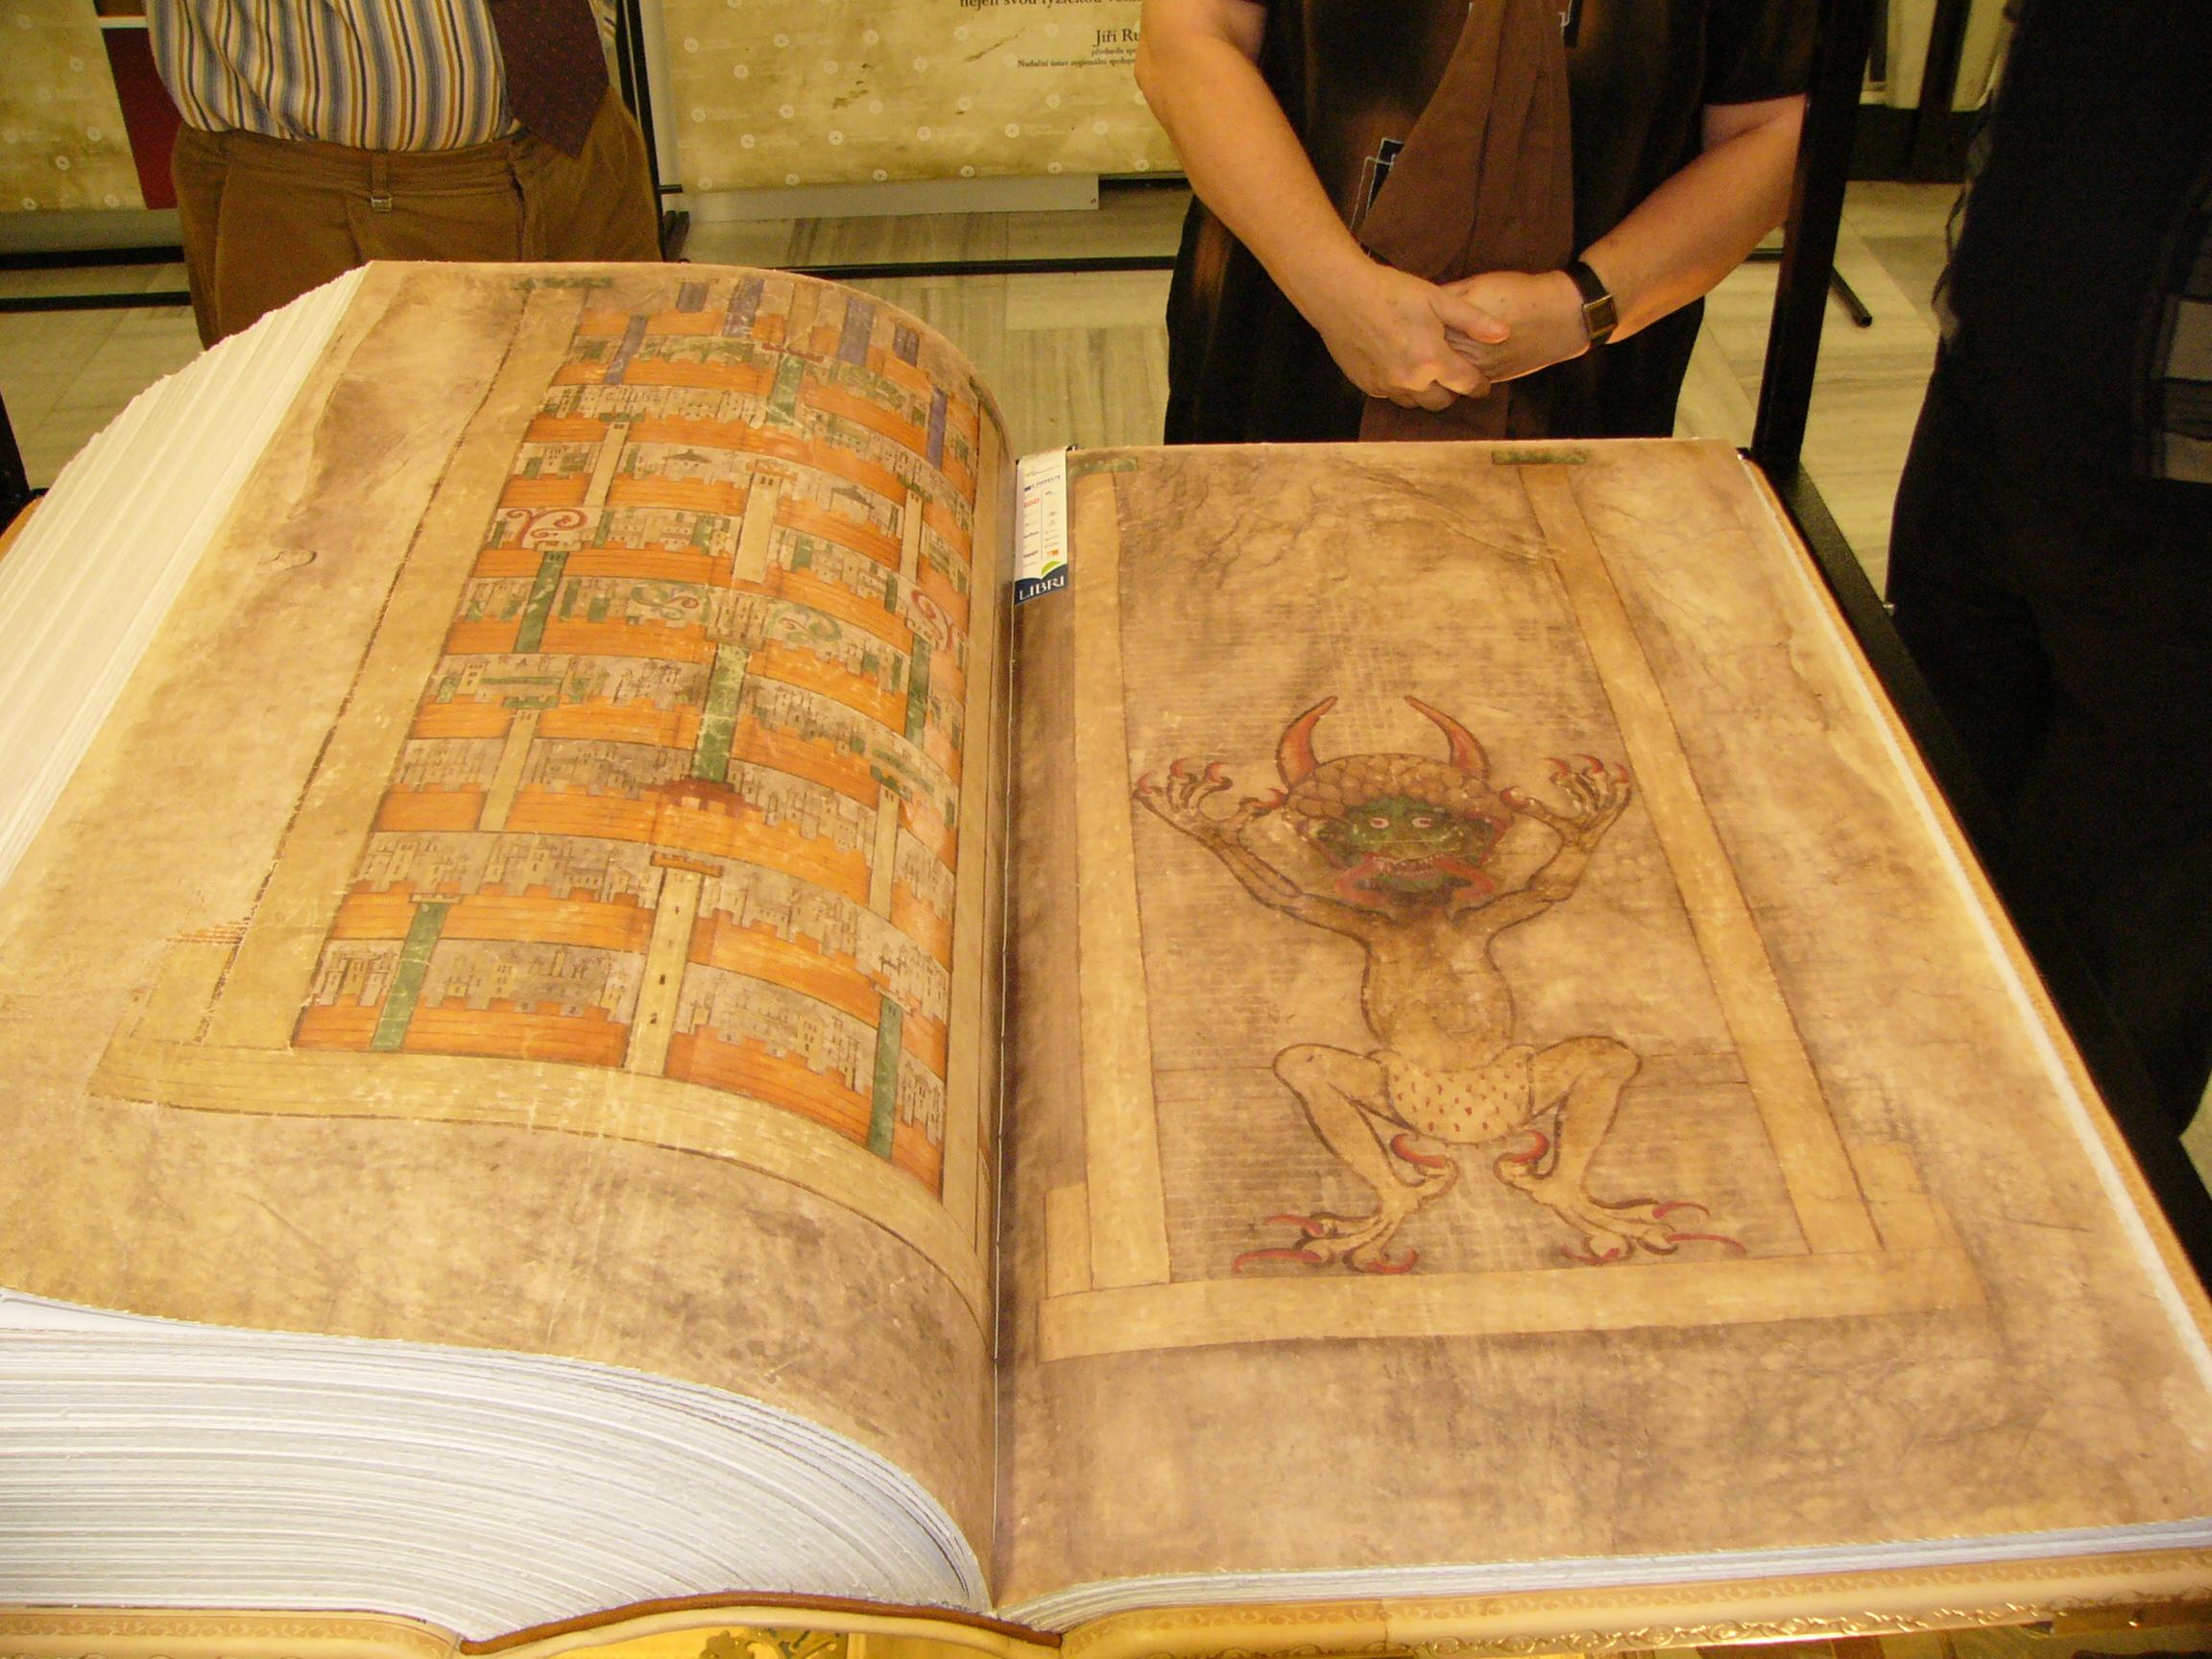 Codex Gigas: O mistério da Bíblia escrita por Lúcifer